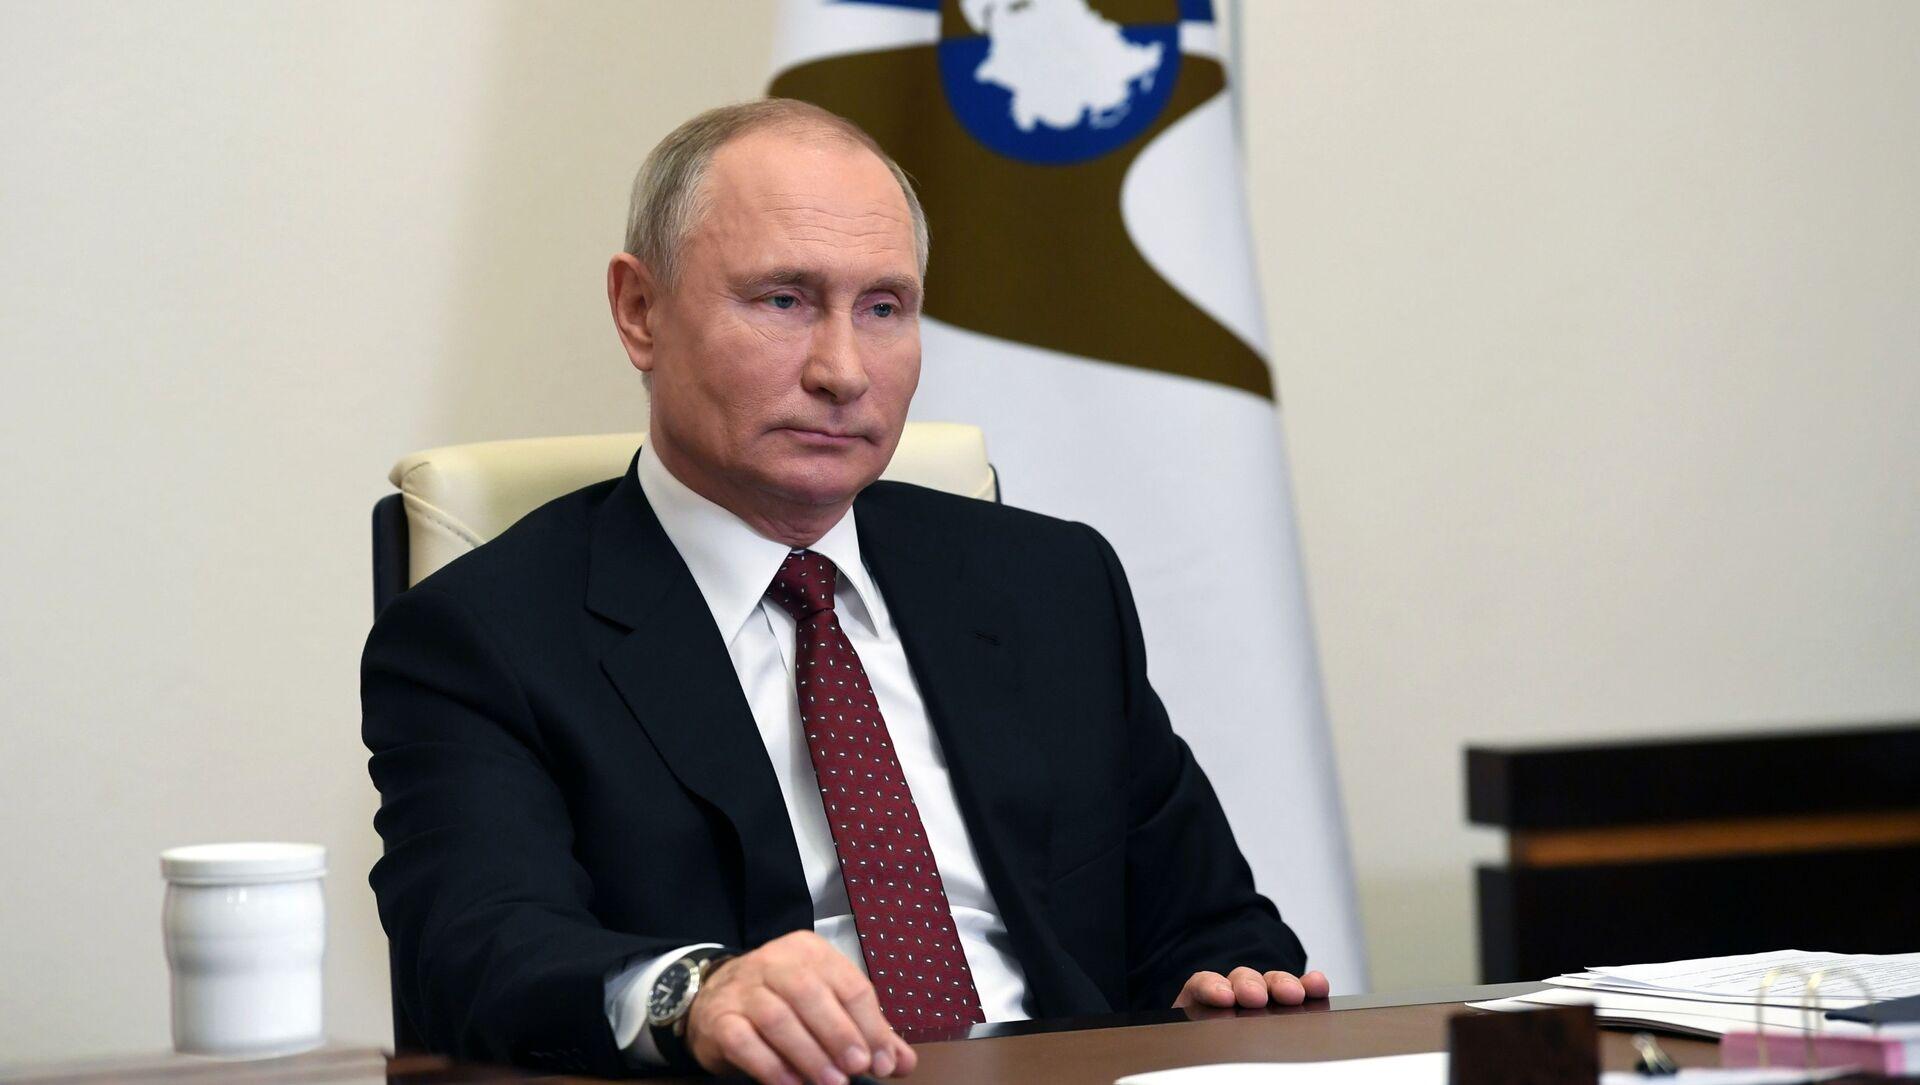 Ruský prezident Vladimir Putin - Sputnik Česká republika, 1920, 14.02.2021